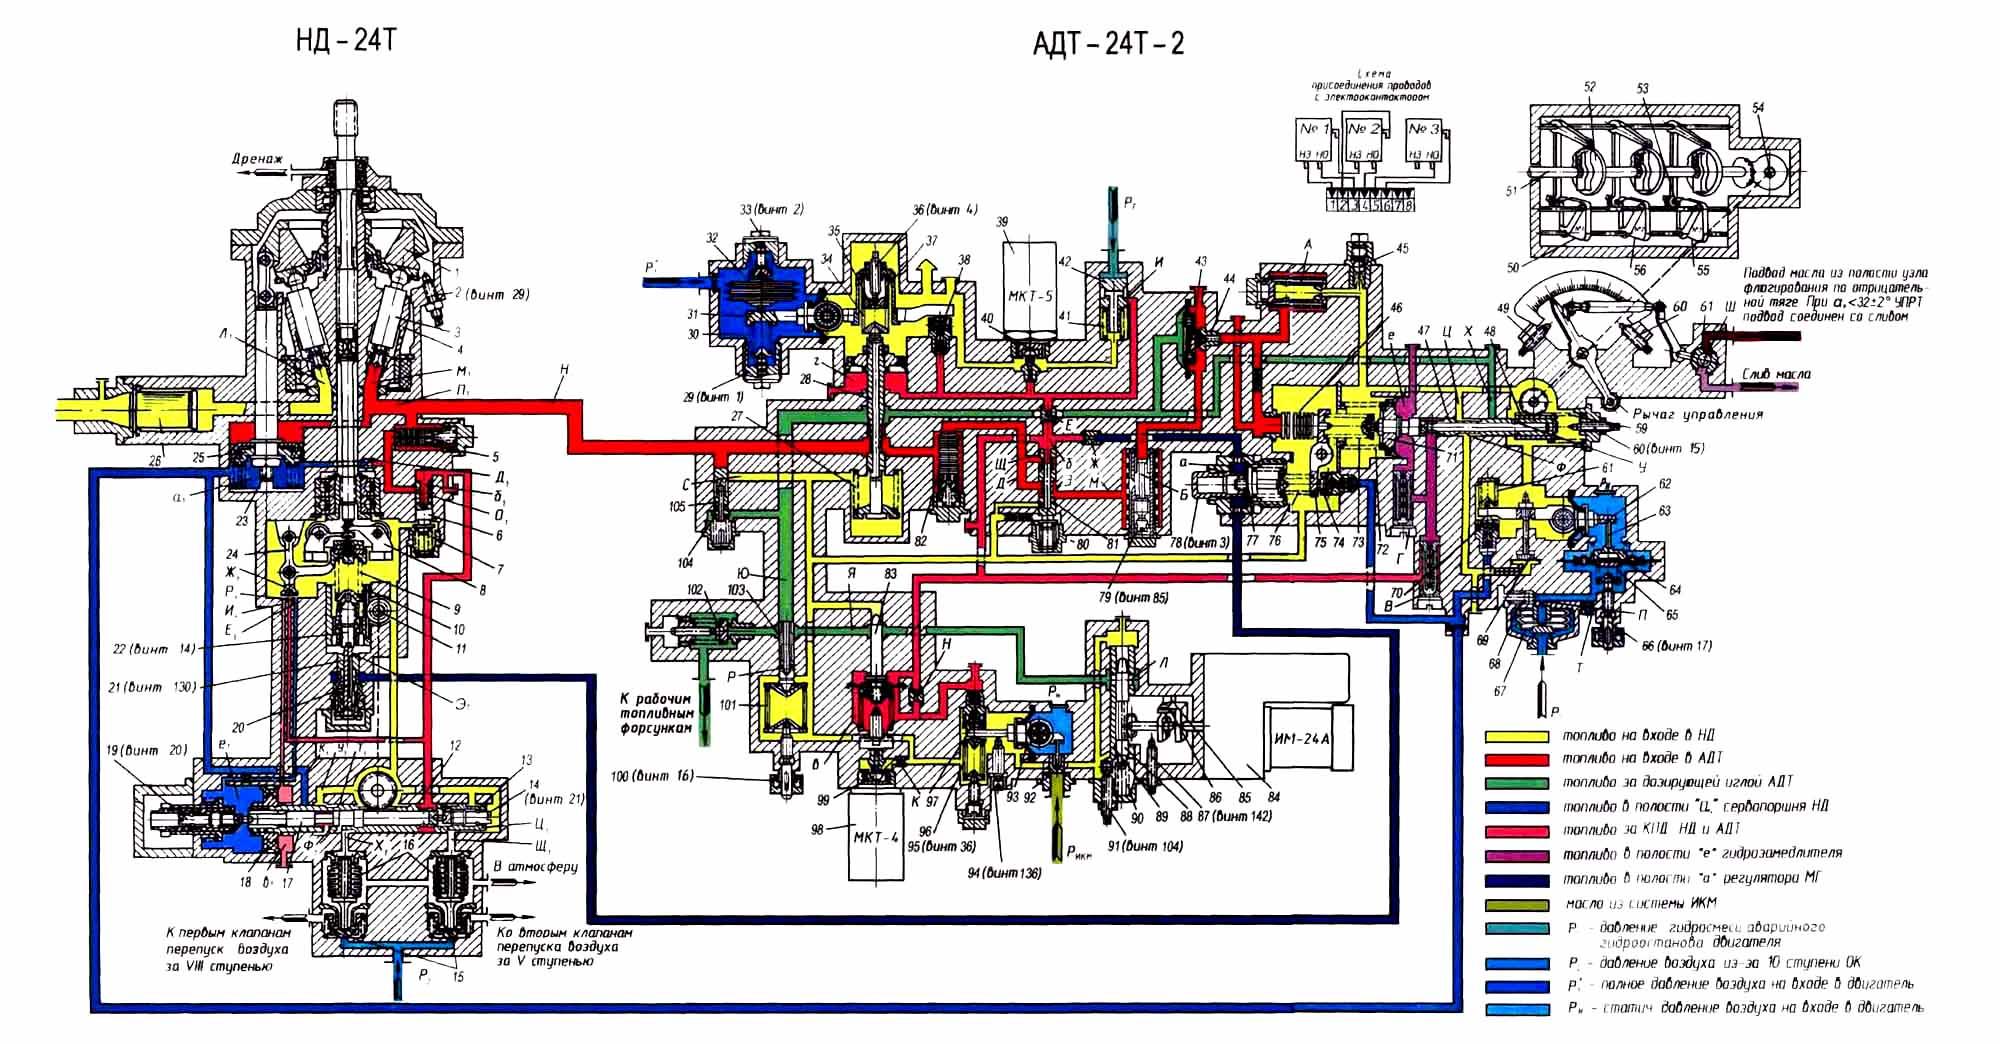 Электросхема двигателя самолетного аи 20